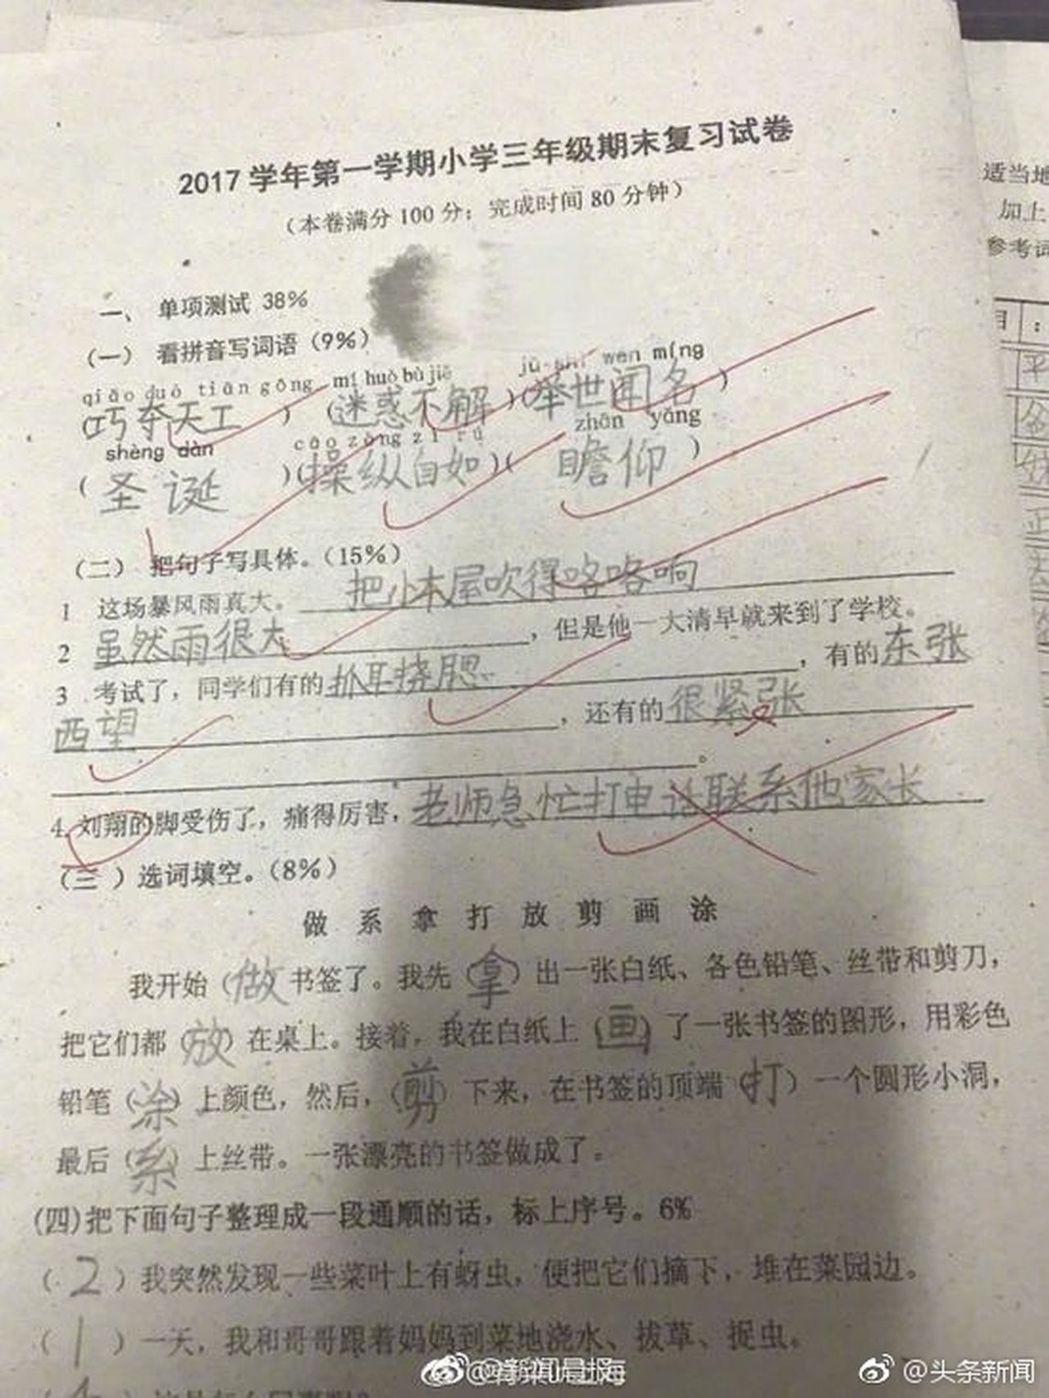 一份小學試卷上,出現以劉翔勇奪110米欄亞軍為原型,要學生進行答題。(取材自微博...